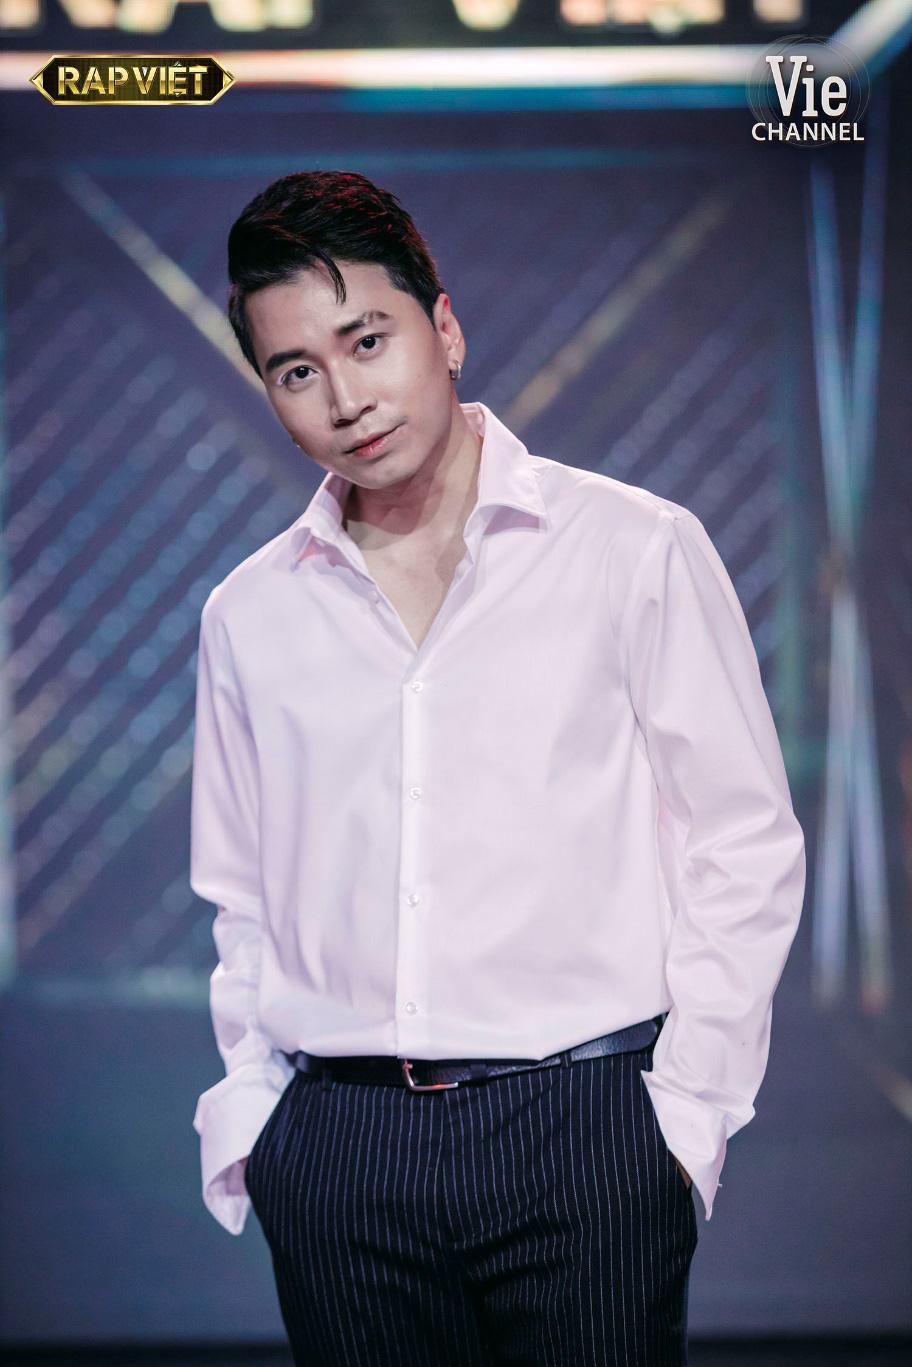 """Những gương mặt được dự đoán sẽ mang đến các tiết mục """"không tầm thường"""" cho Rap Việt All-Star Concert - Ảnh 2."""